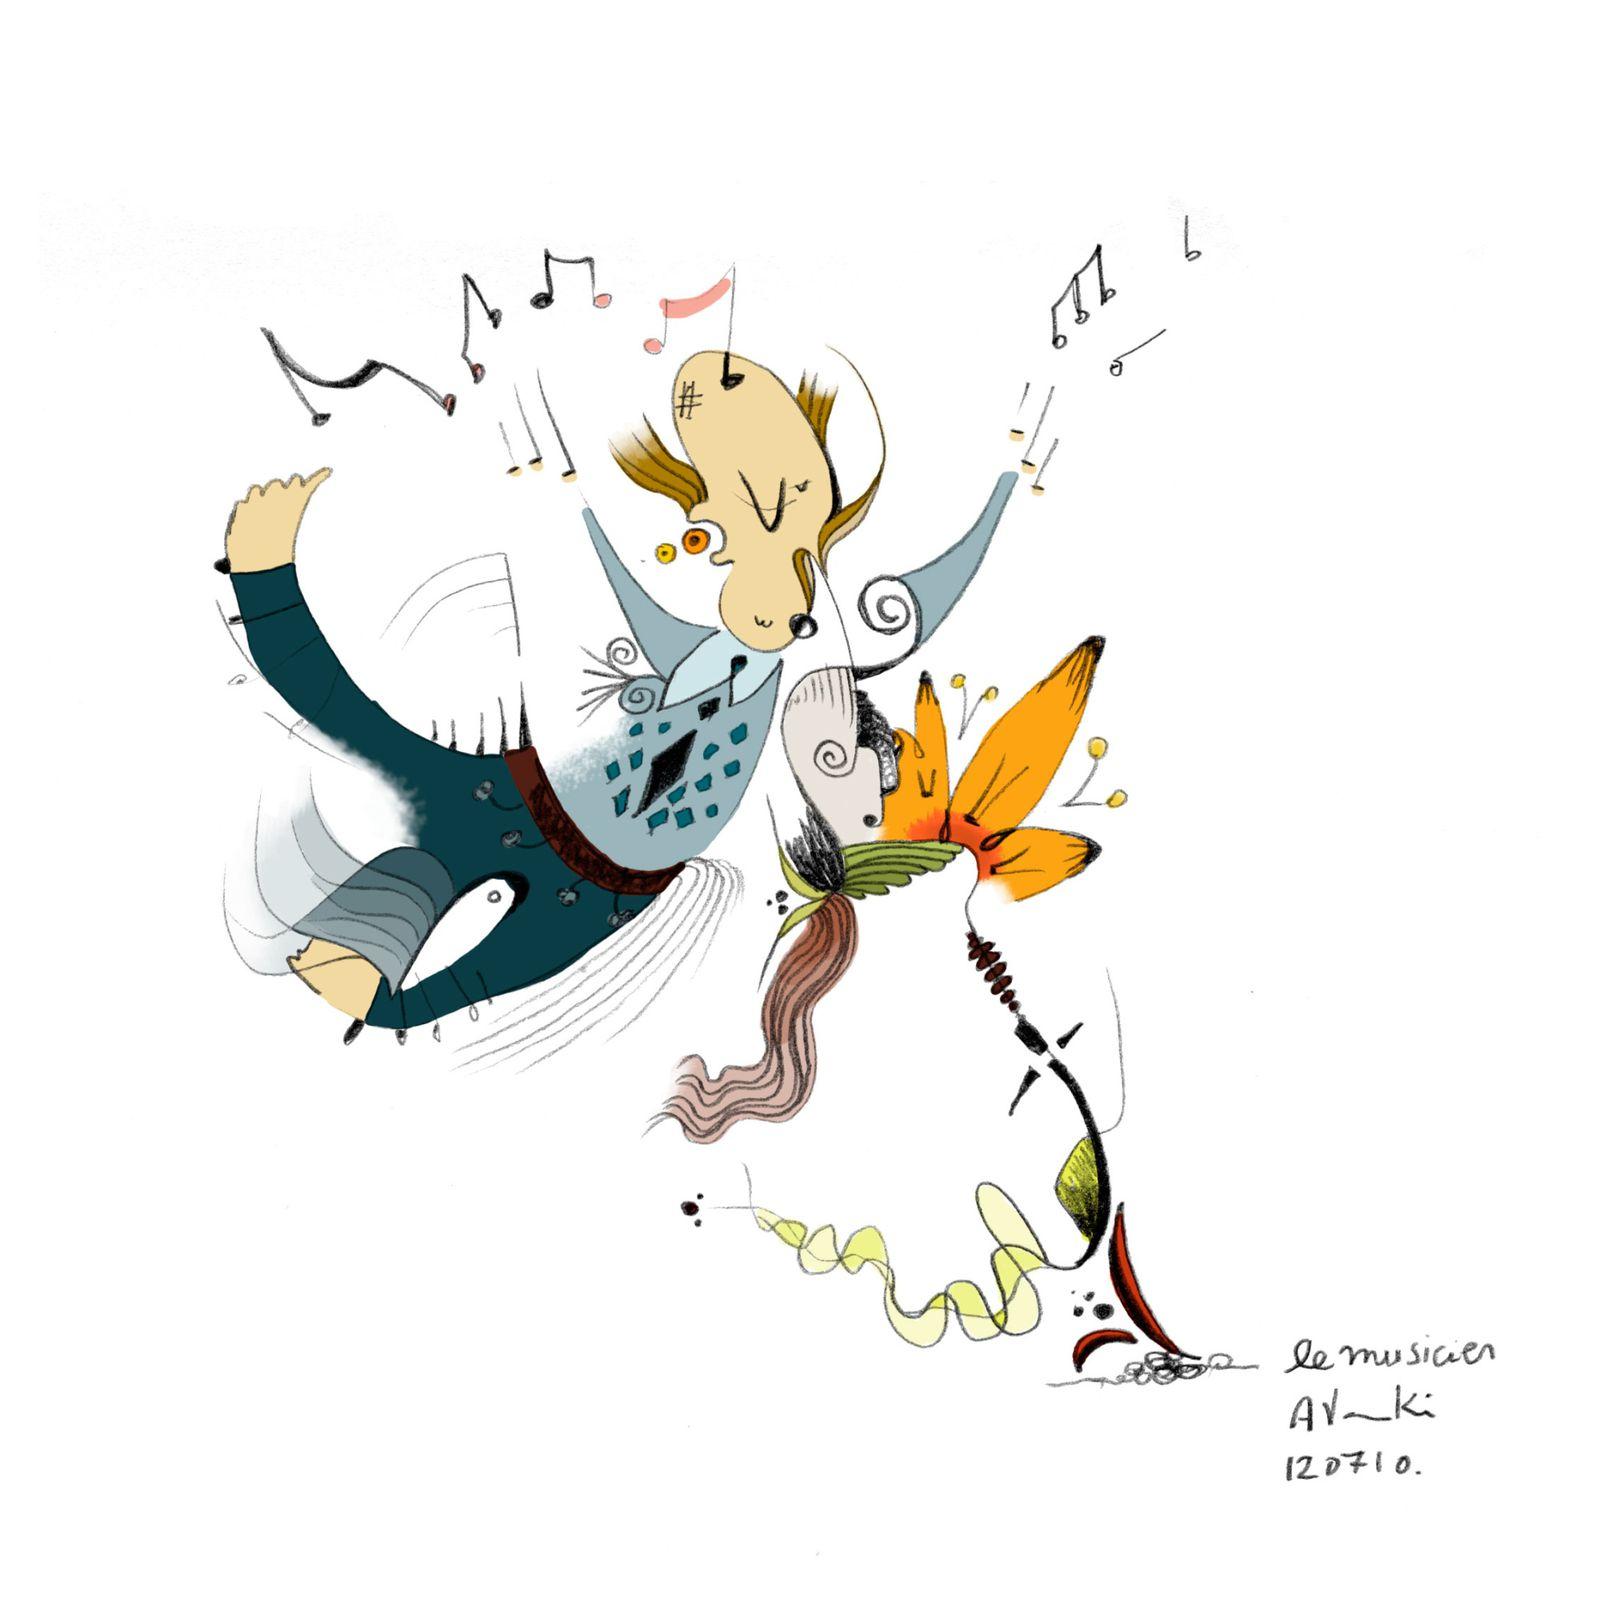 Homme orchestre / Musician - l' Illustre vie de Athina: nunila.over-blog.com/article-homme-orchestre-musician-54839656.html